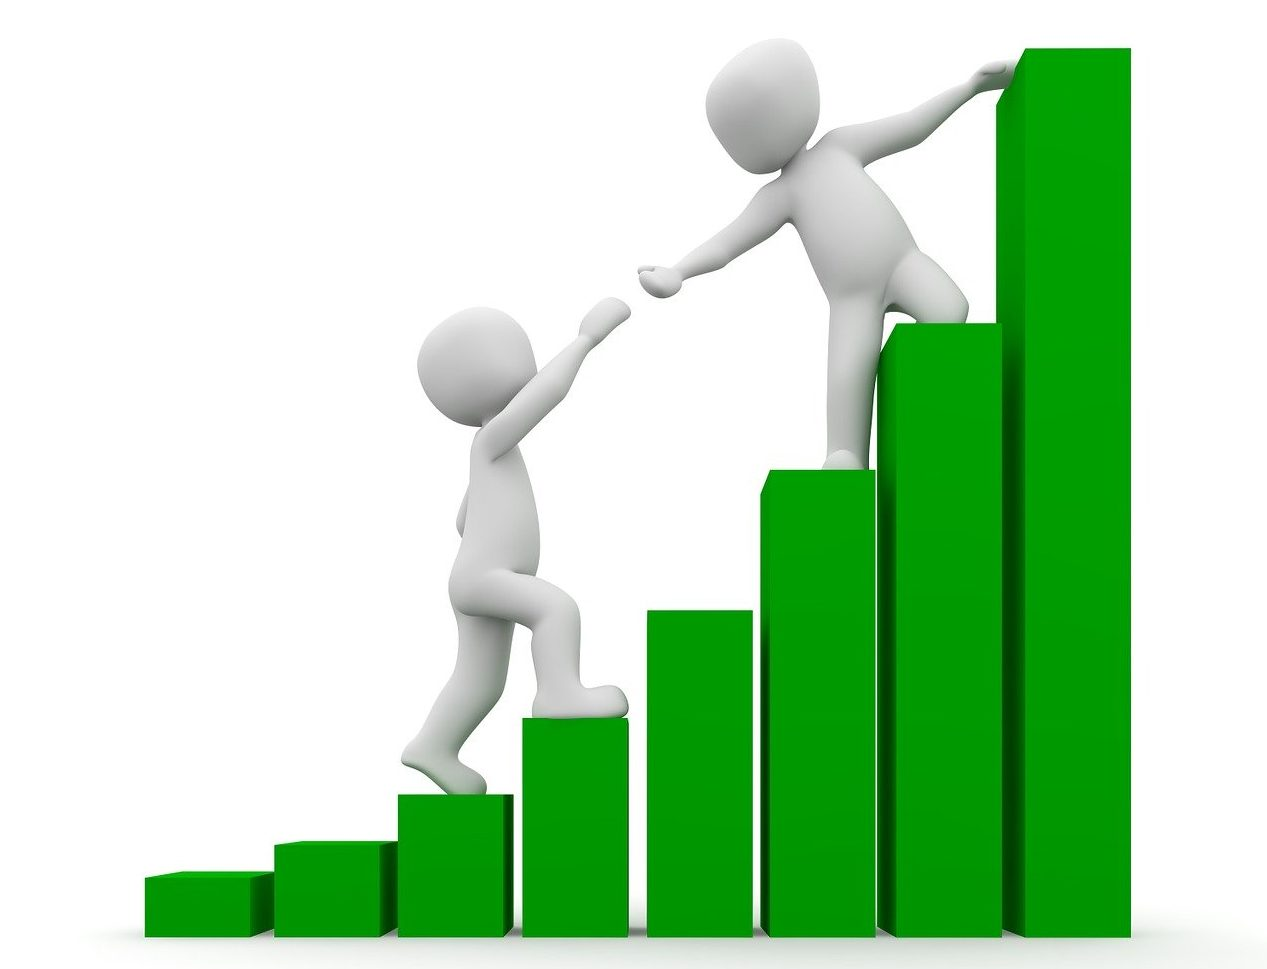 La Città di Rovinj-Rovigno ha introdotto le misure di sostegno all'imprenditoria